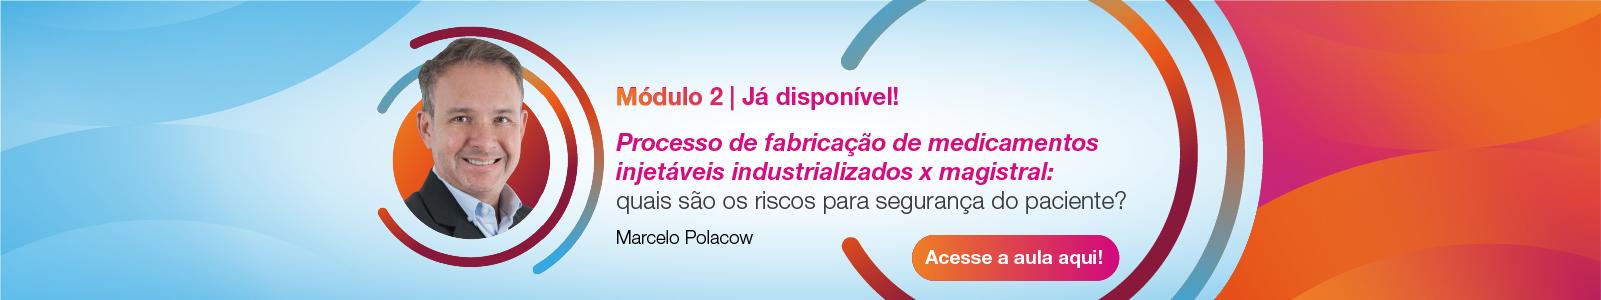 banner-modulo-03 disponivel